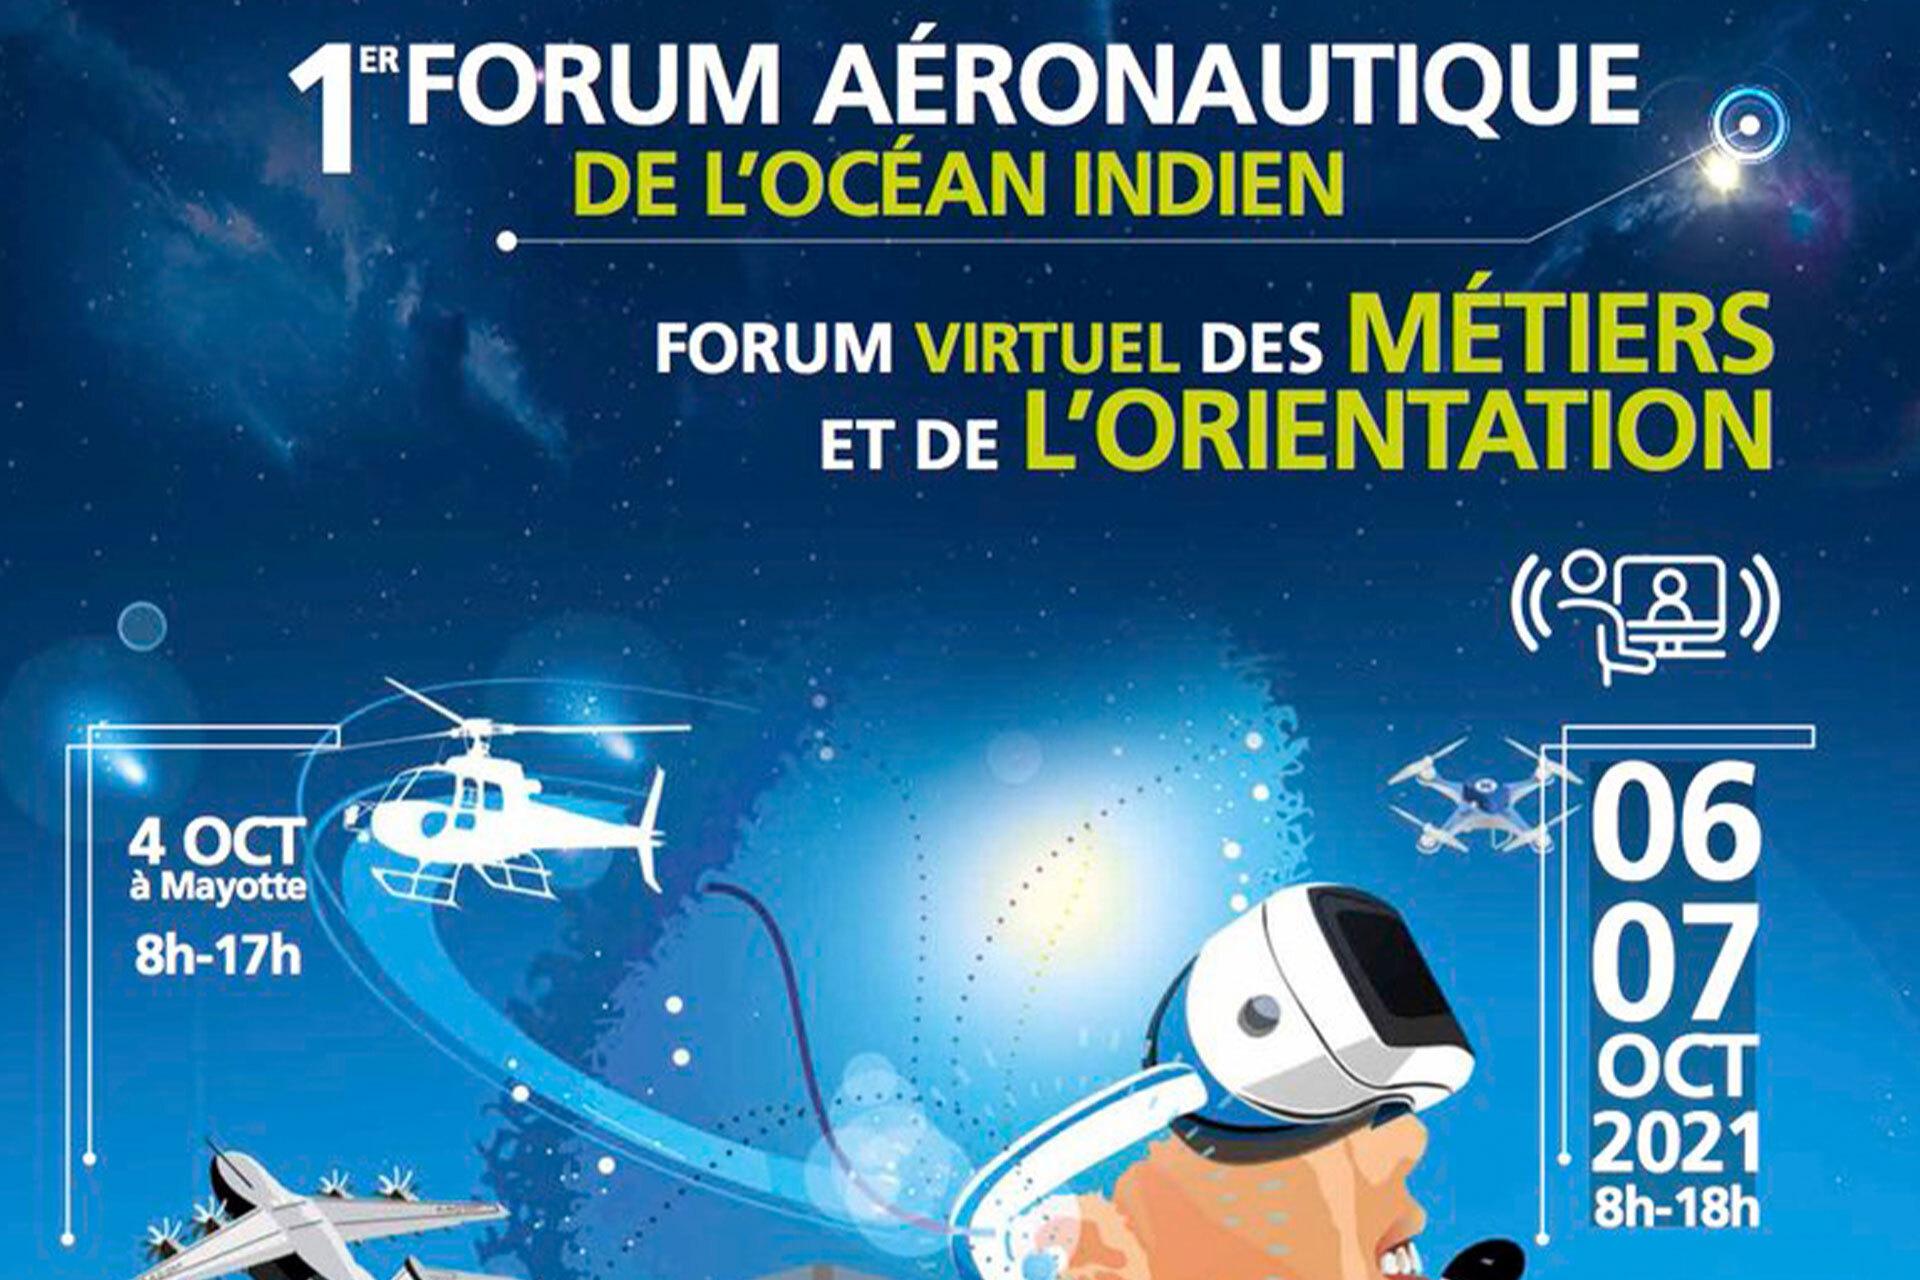 1er forum aéronautique de l'Océan Indien